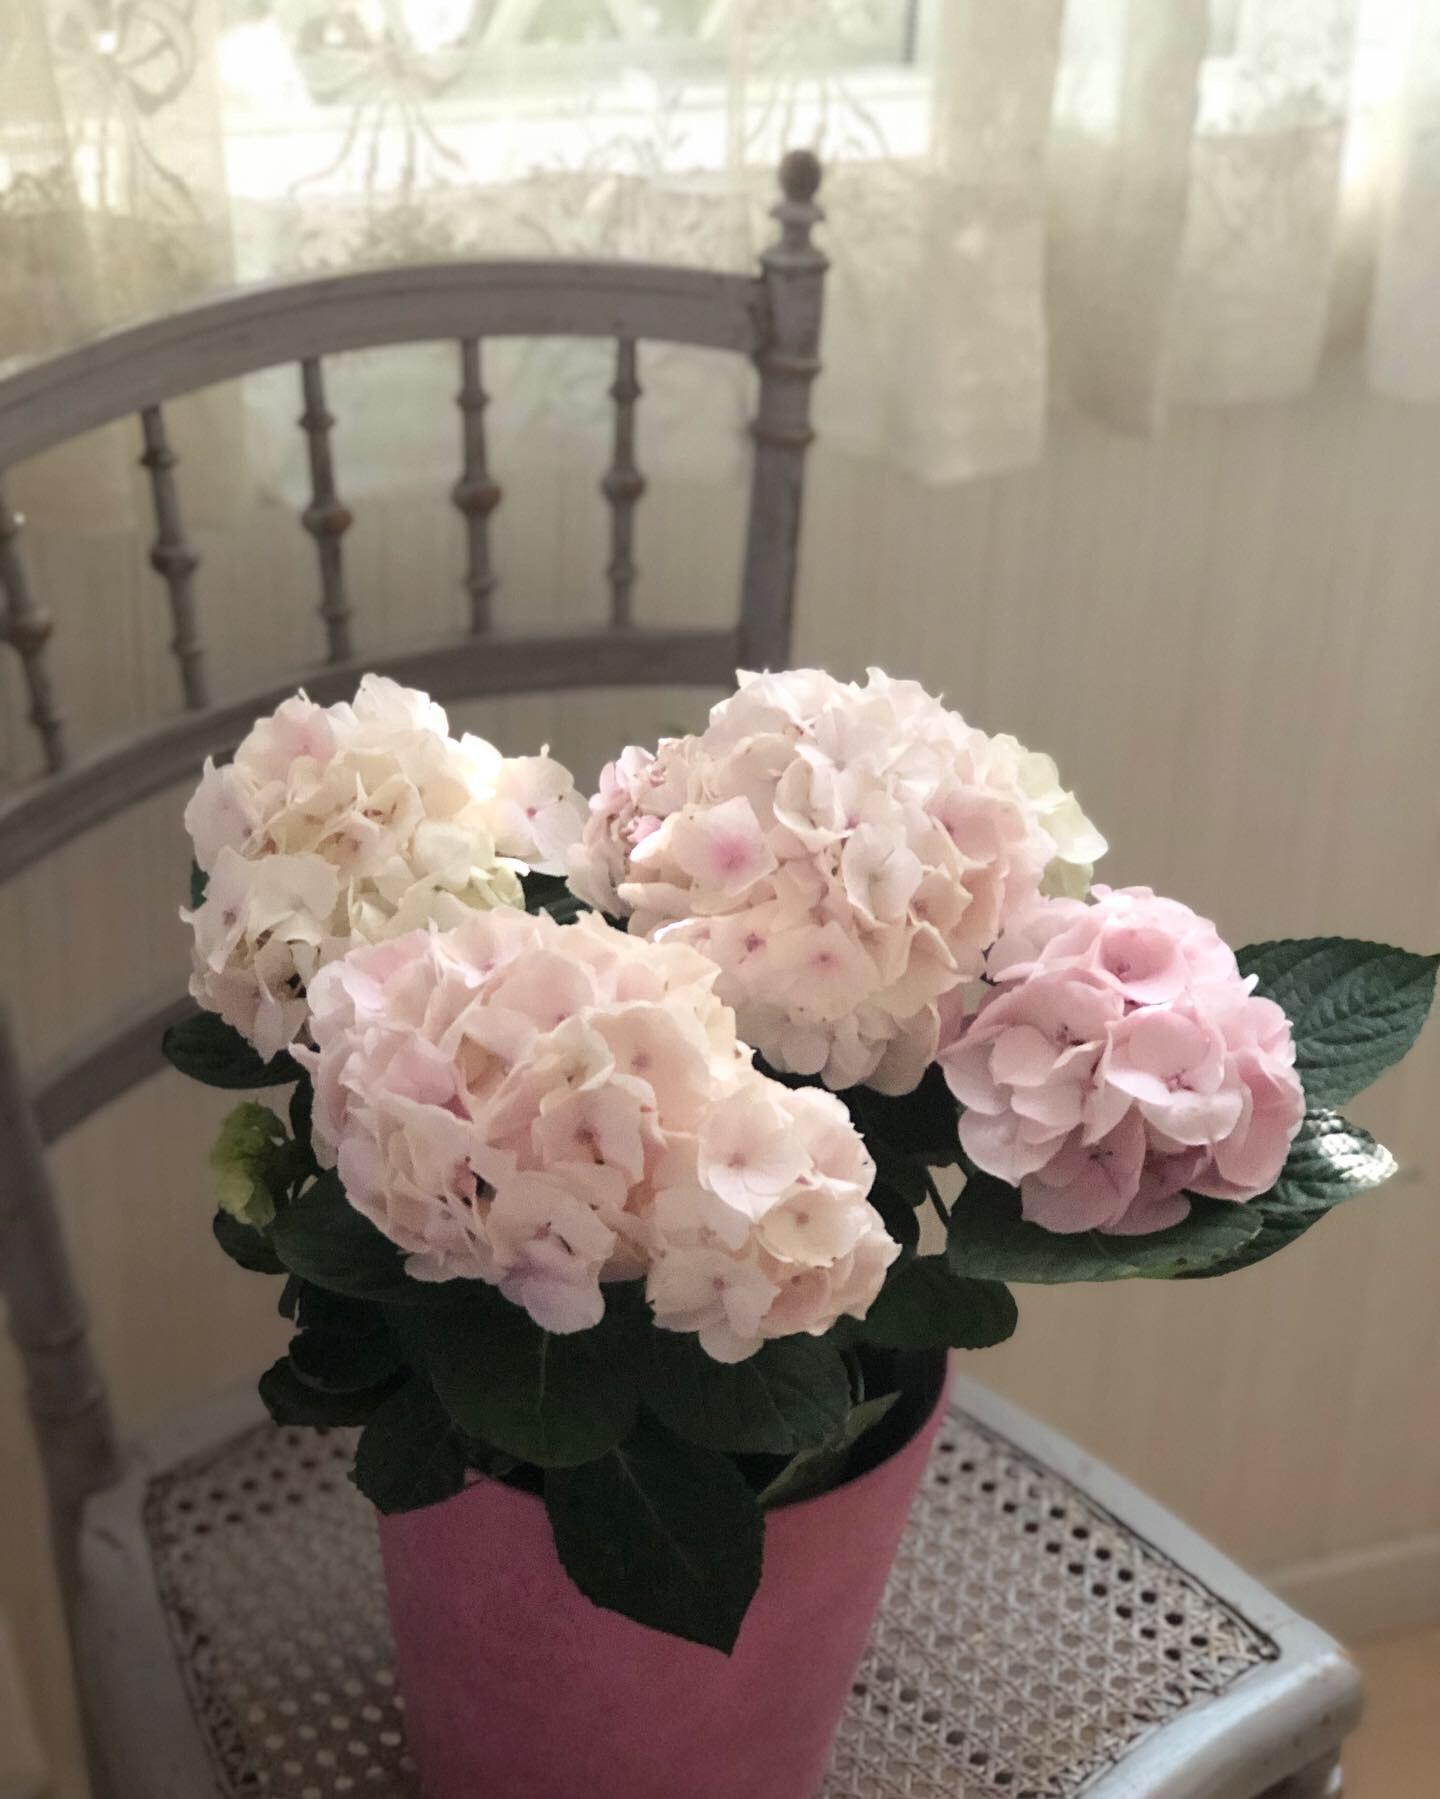 シアワセな母の日をありがとう♡_a0157409_17353802.jpeg